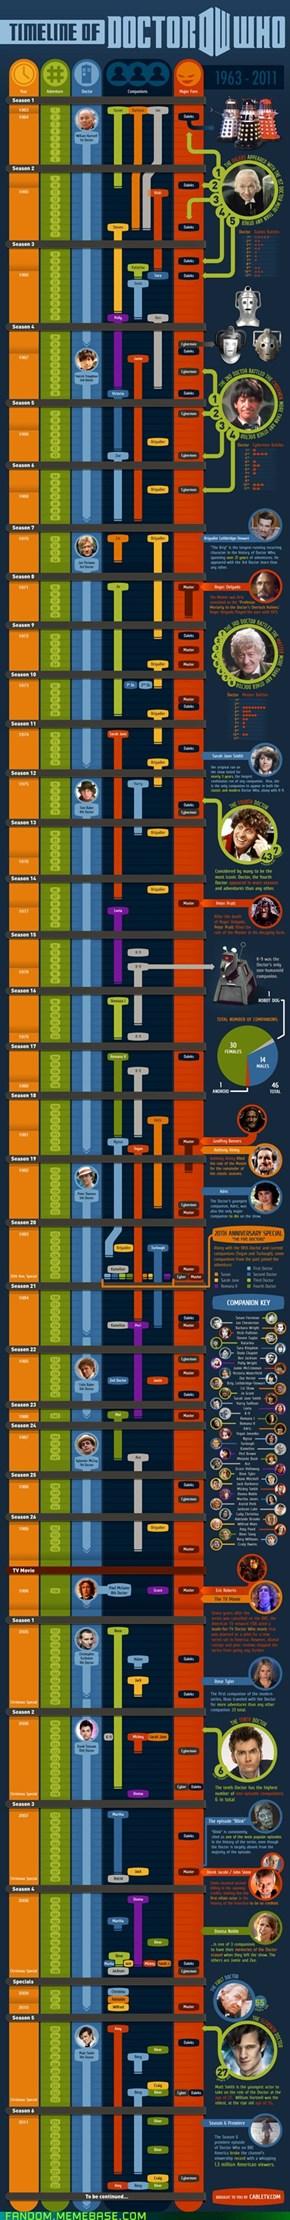 The Timey Wimey Timeline